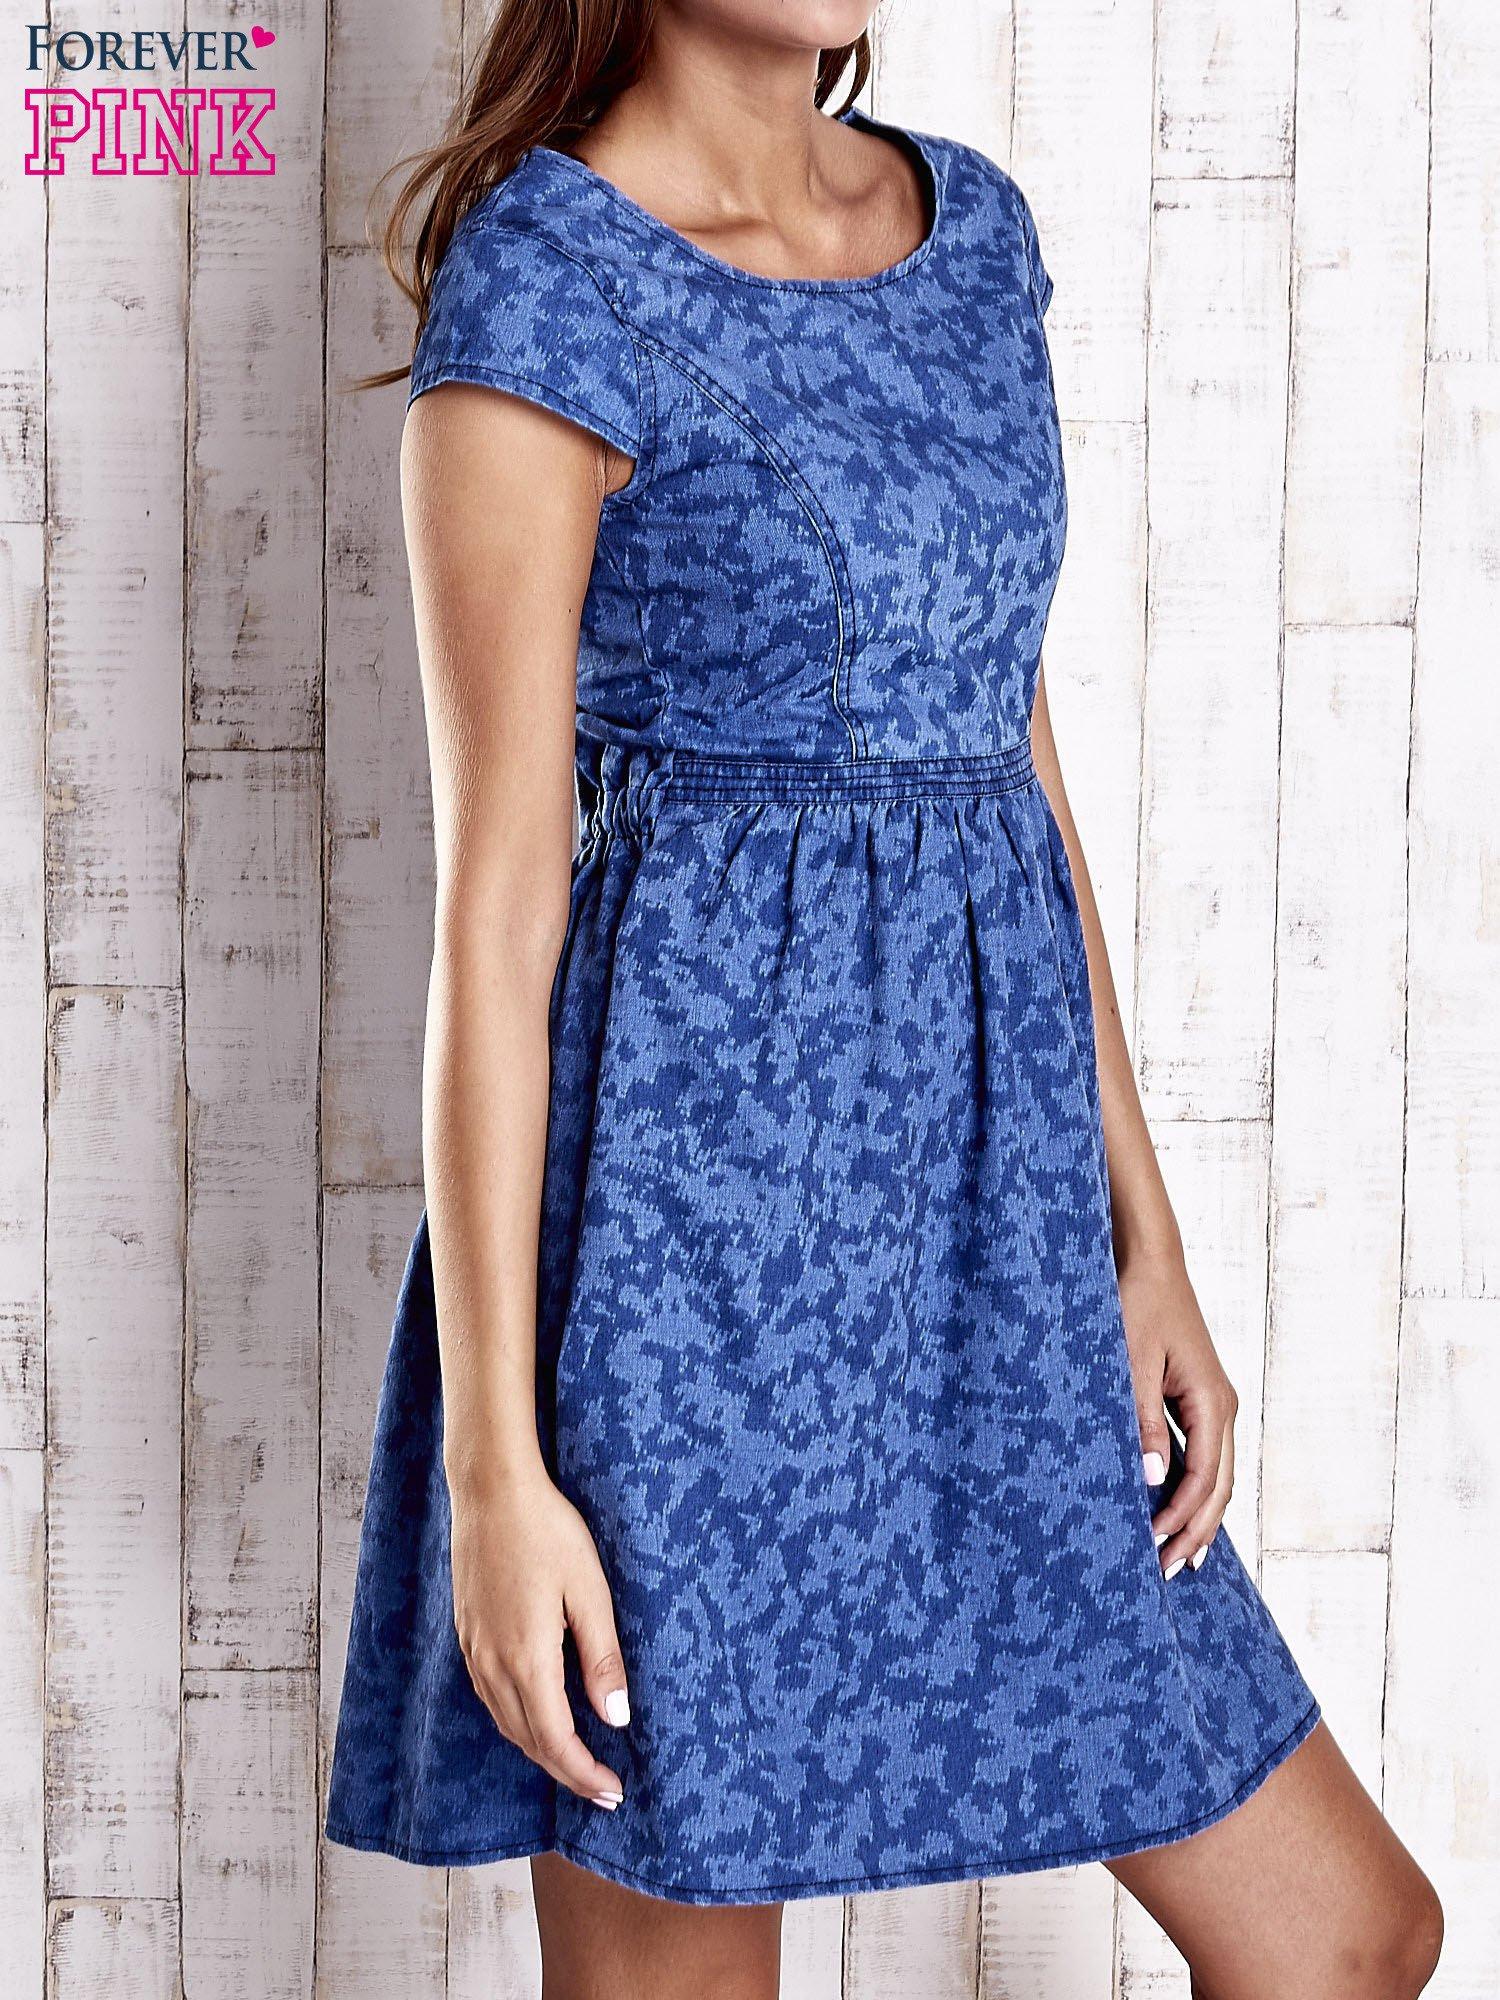 Ciemnoniebieska denimowa sukienka z wycięciem na plecach                                  zdj.                                  3